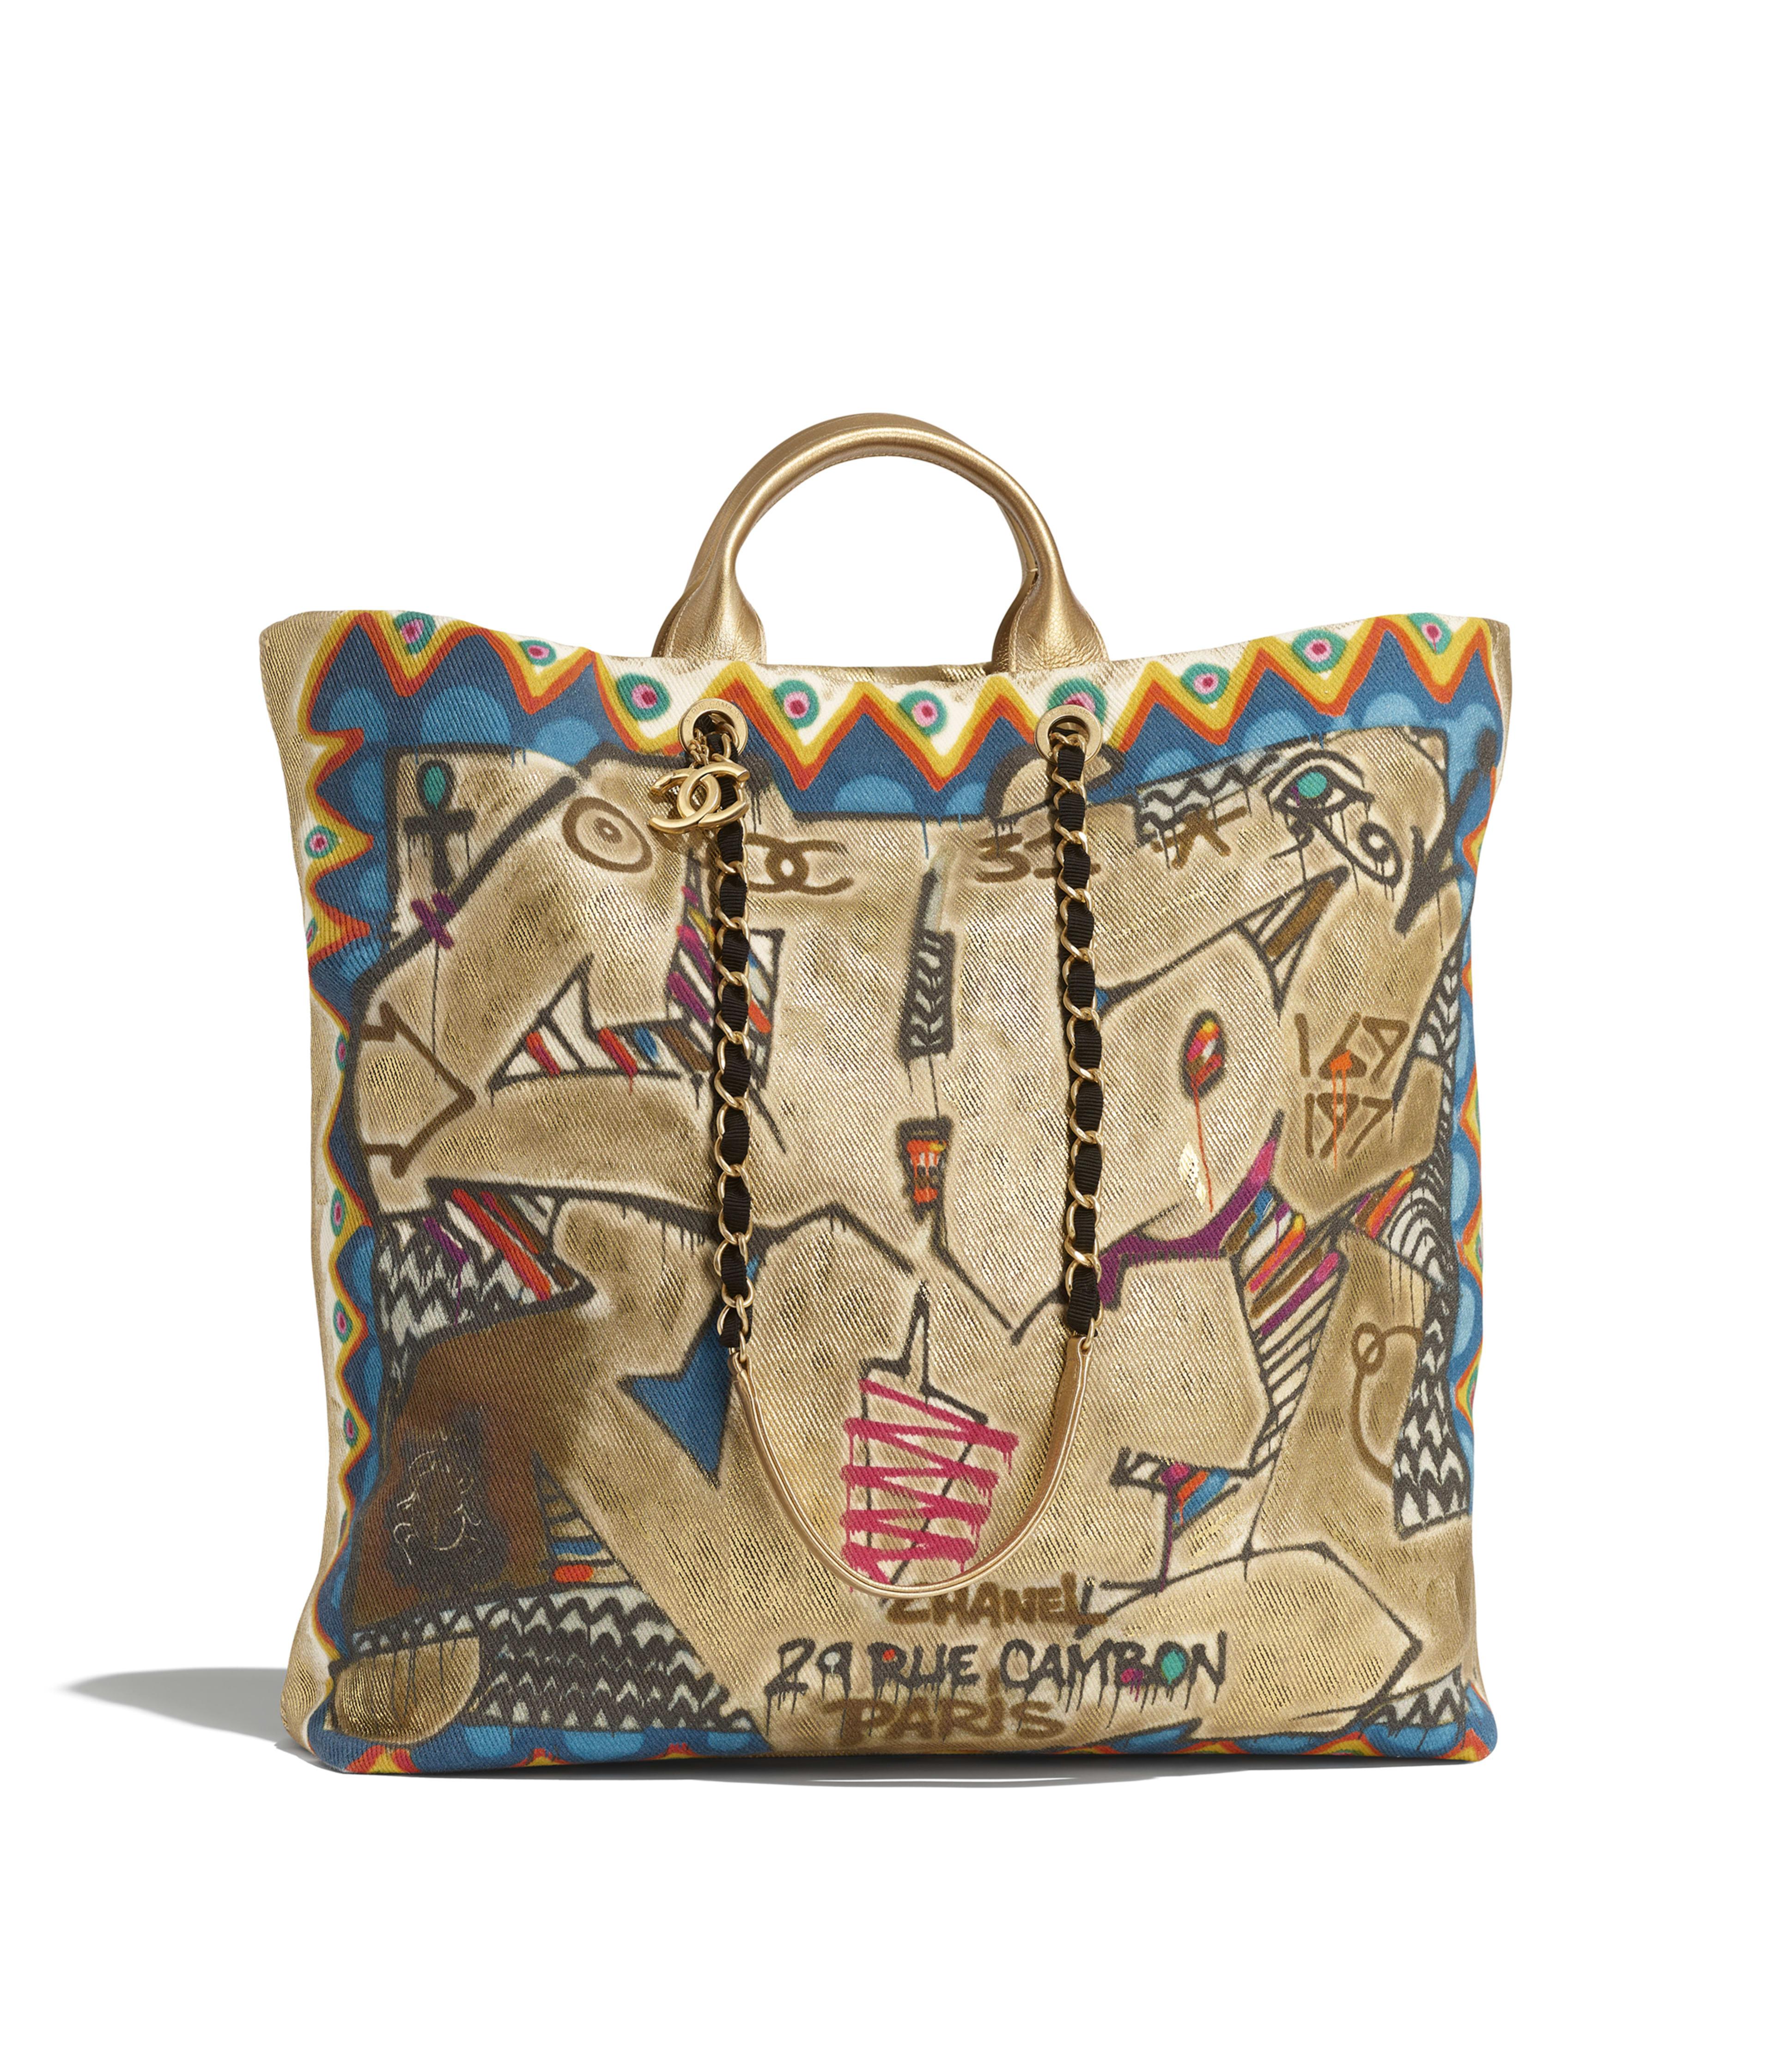 2e831babe77 Maxi Shopping Bag Calfskin, Cotton & Gold-Tone Metal, Multicolor Ref.  AS0850B0090099999